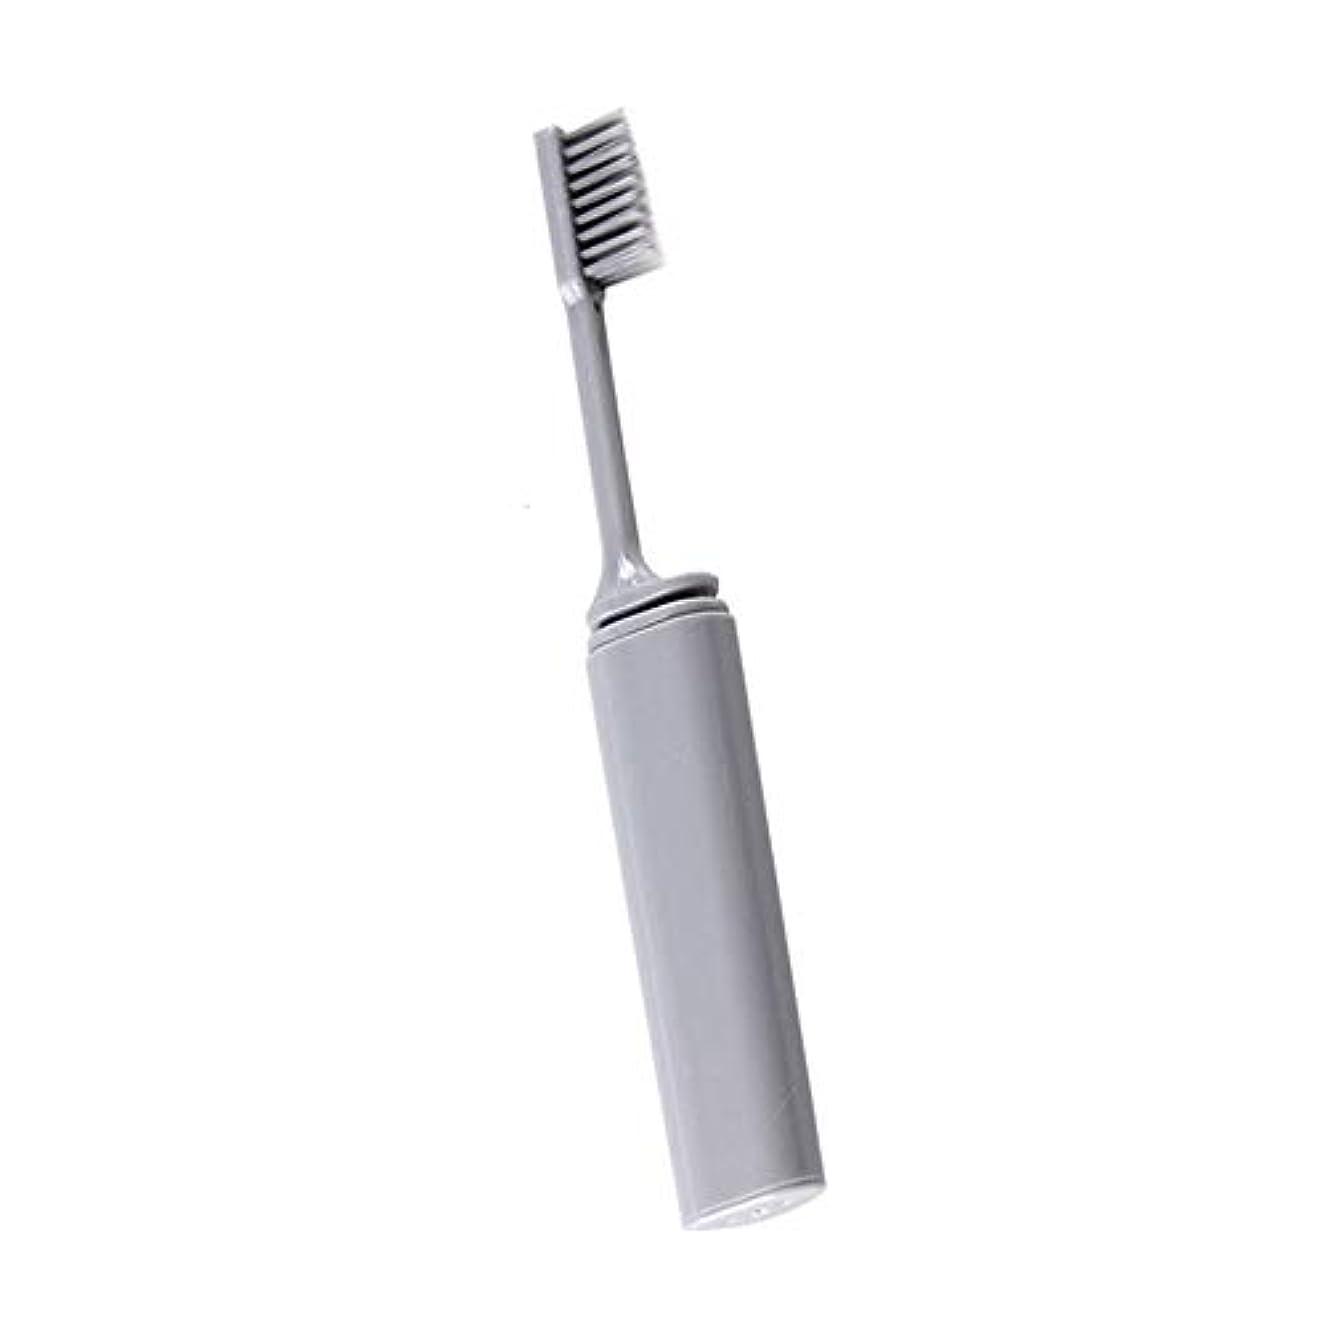 ピックシンプルさ適応的Onior 旅行歯ブラシ 折りたたみ歯ブラシ 携帯歯ブラシ 外出 旅行用品, ソフト コンパクト歯ブラシ 便利 折りたたみ 耐久性 携帯用 灰色